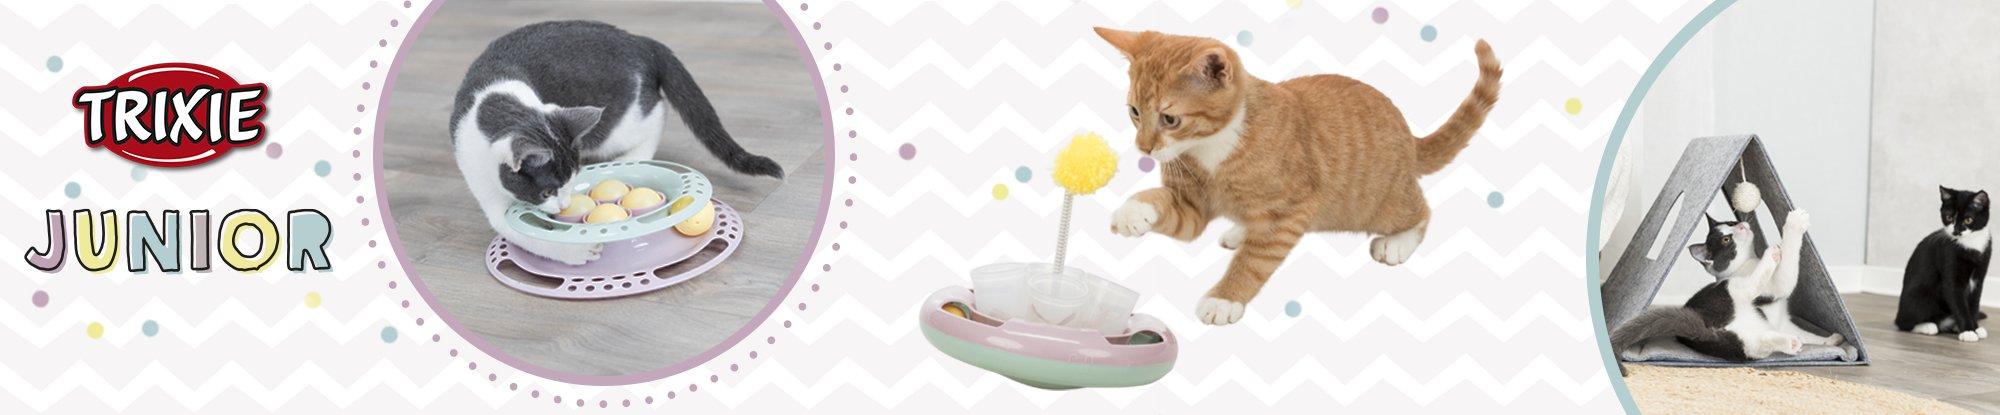 TRIXIE Junior - Kollektion für Welpen und Kitten, Bild 2